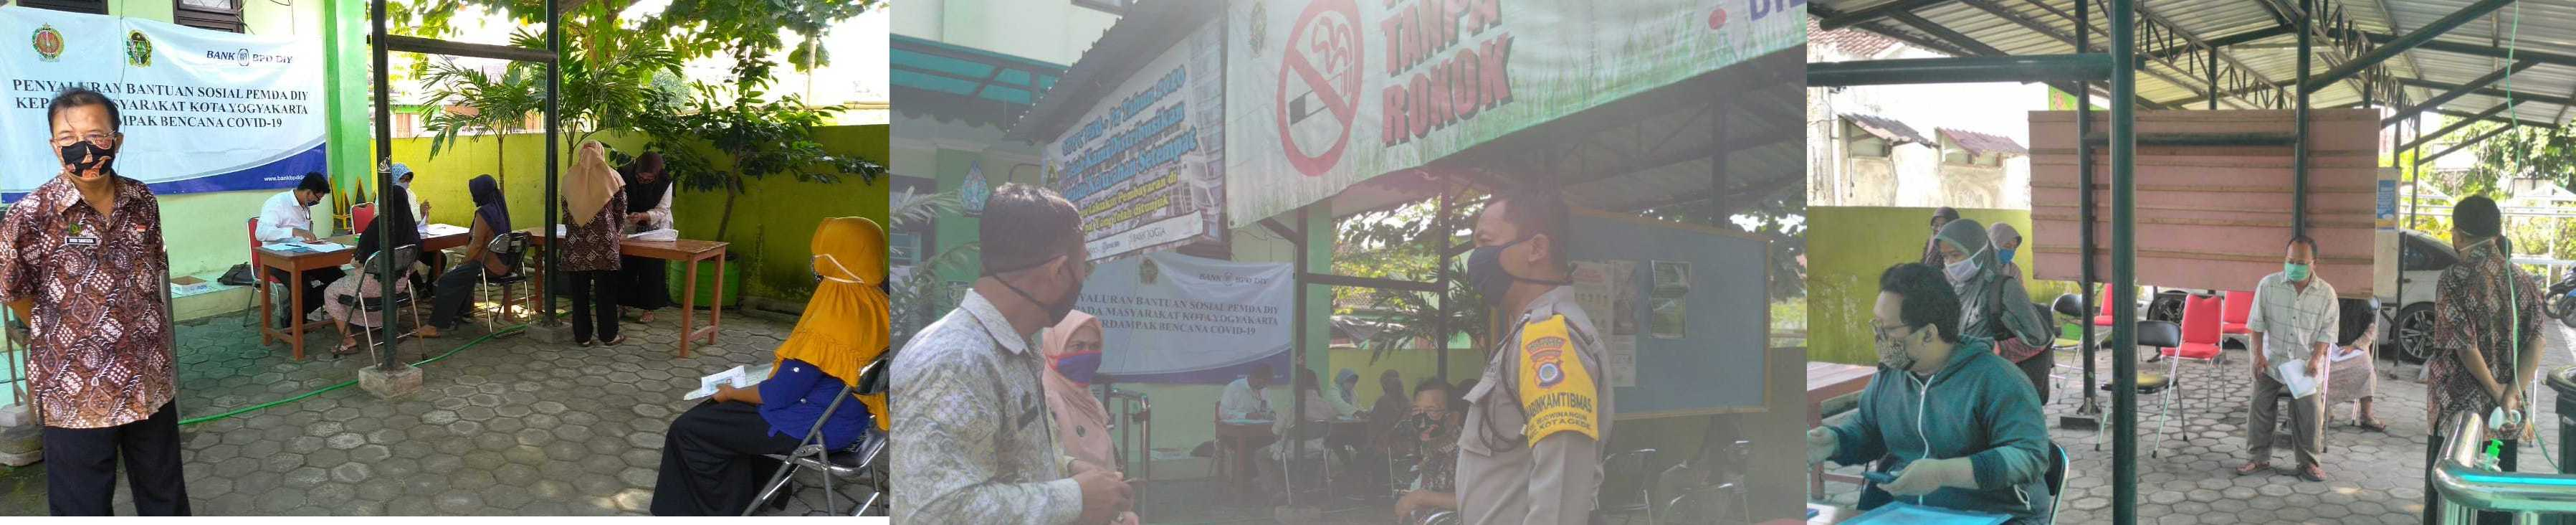 Penyaluran Dana Bantuan  Tahap 2 di Kelurahan Rejowinangun